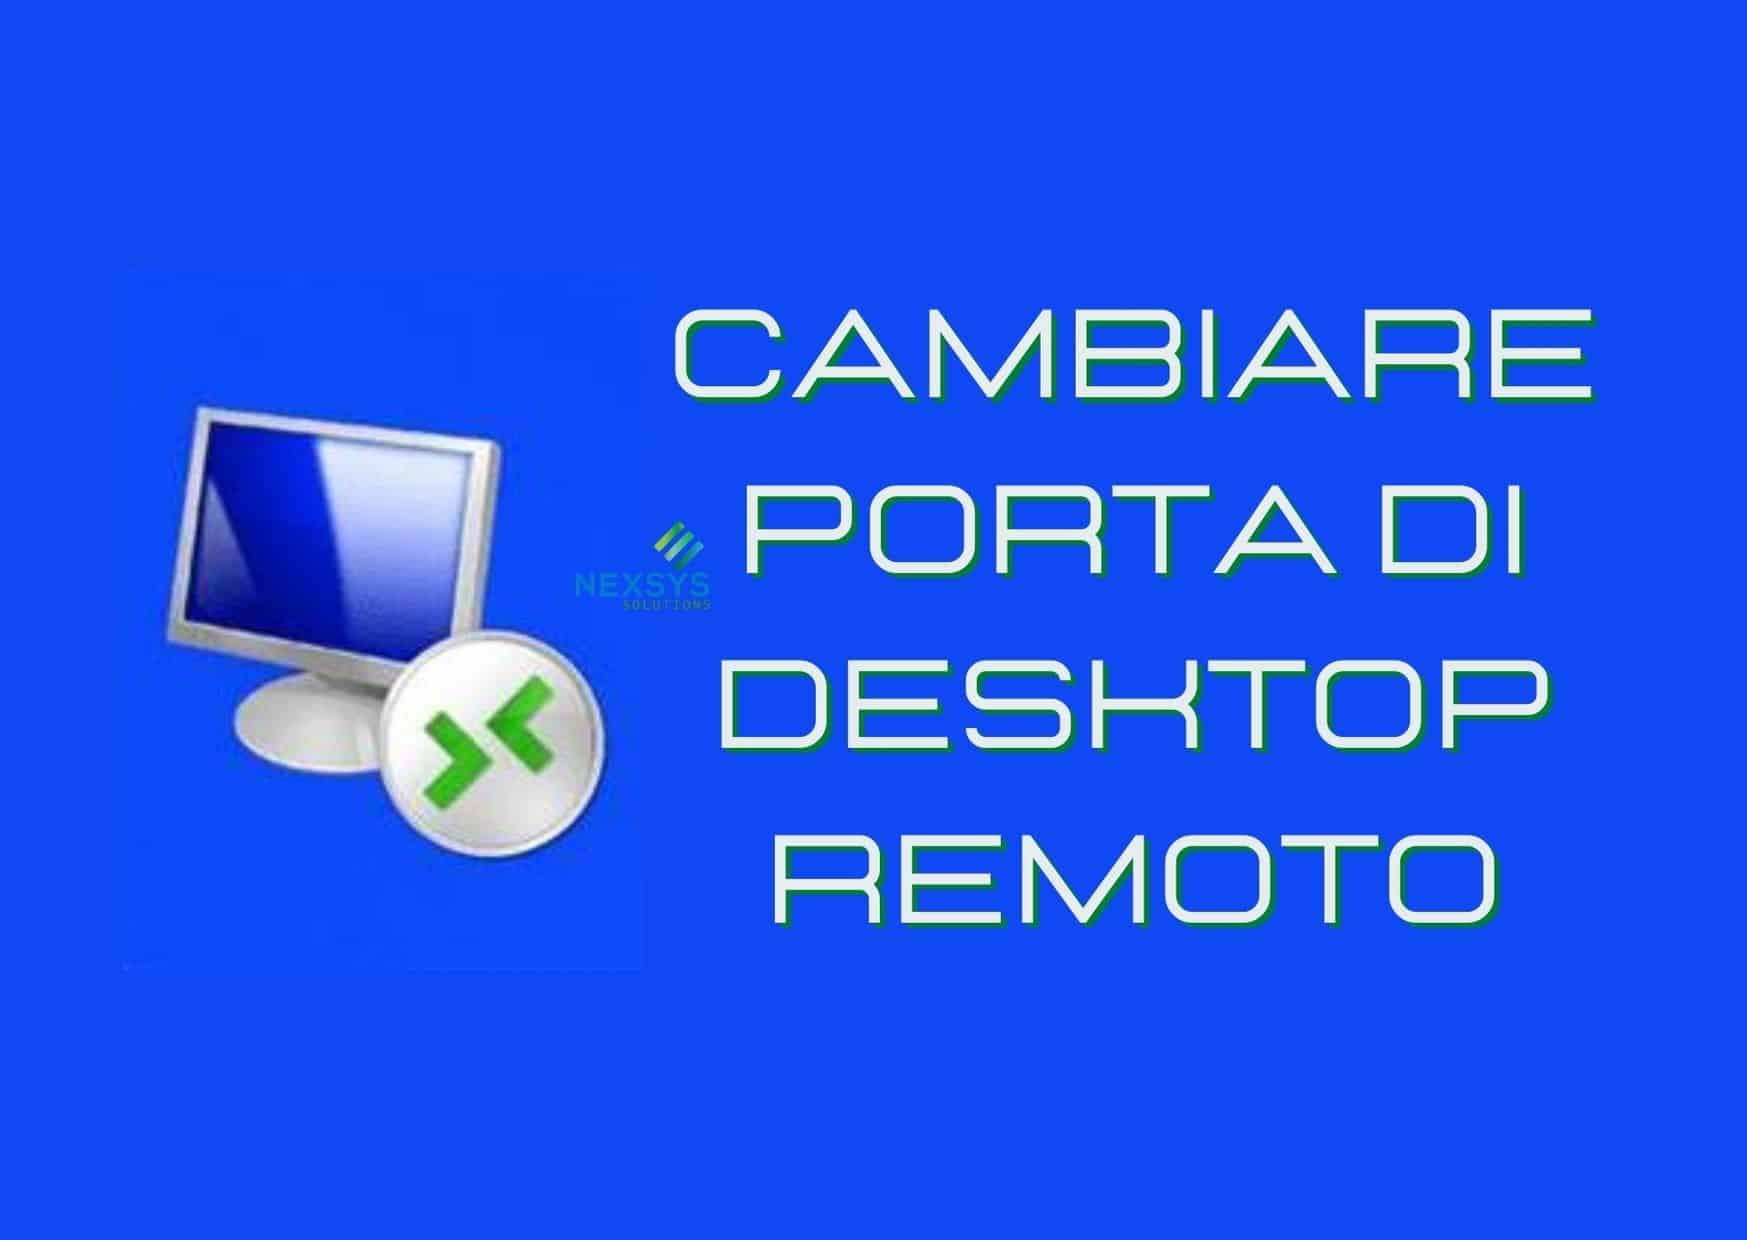 Cambiare porta di desktop remoto